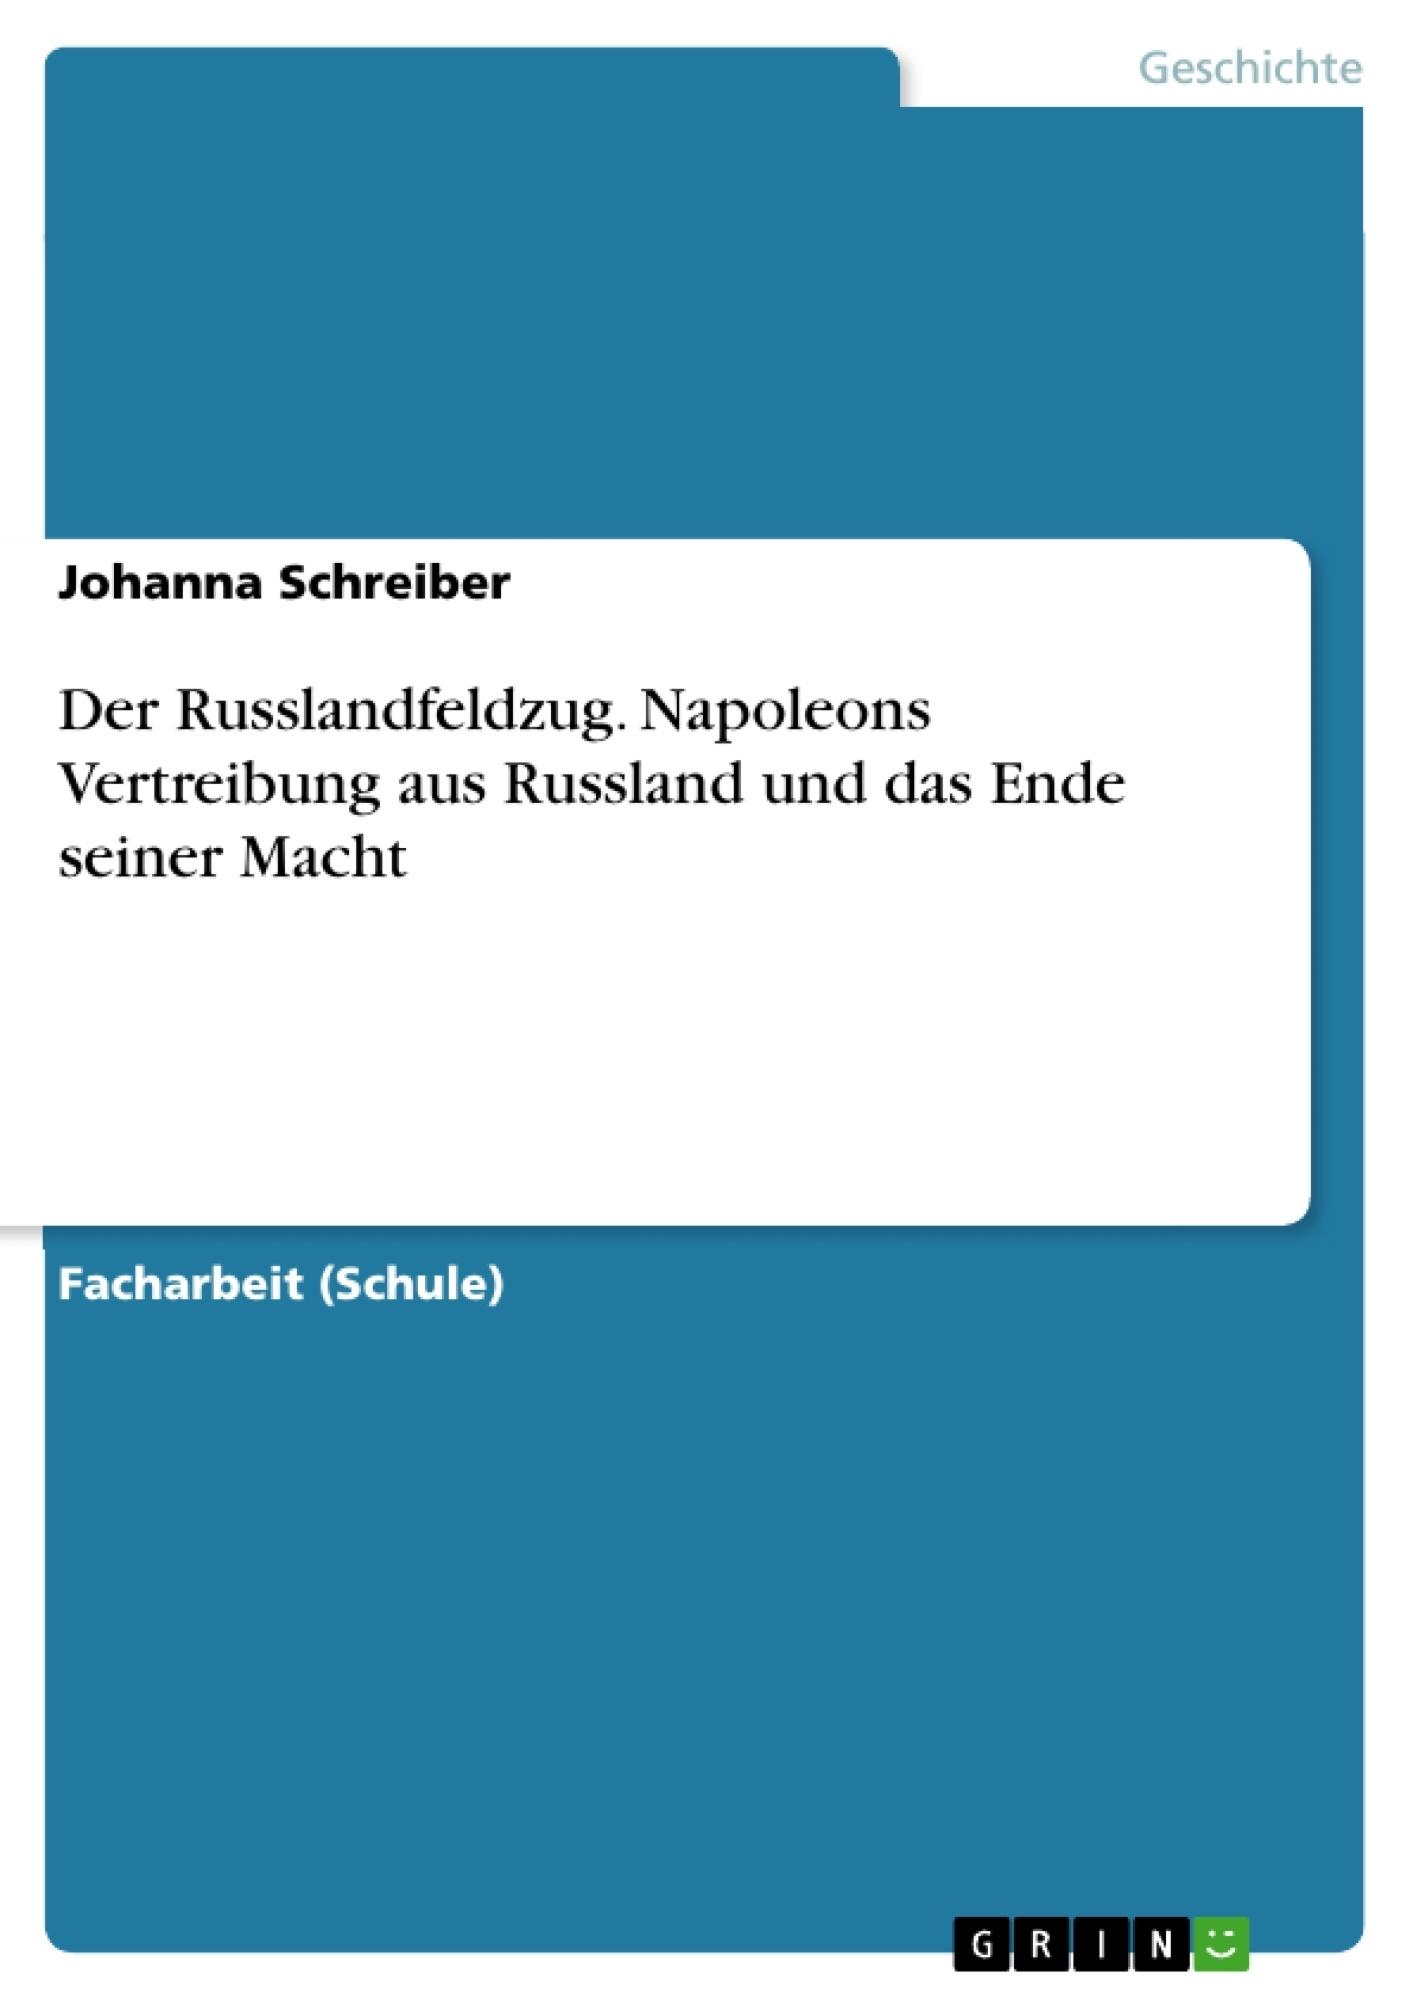 Titel: Der Russlandfeldzug. Napoleons Vertreibung aus Russland und das Ende seiner Macht